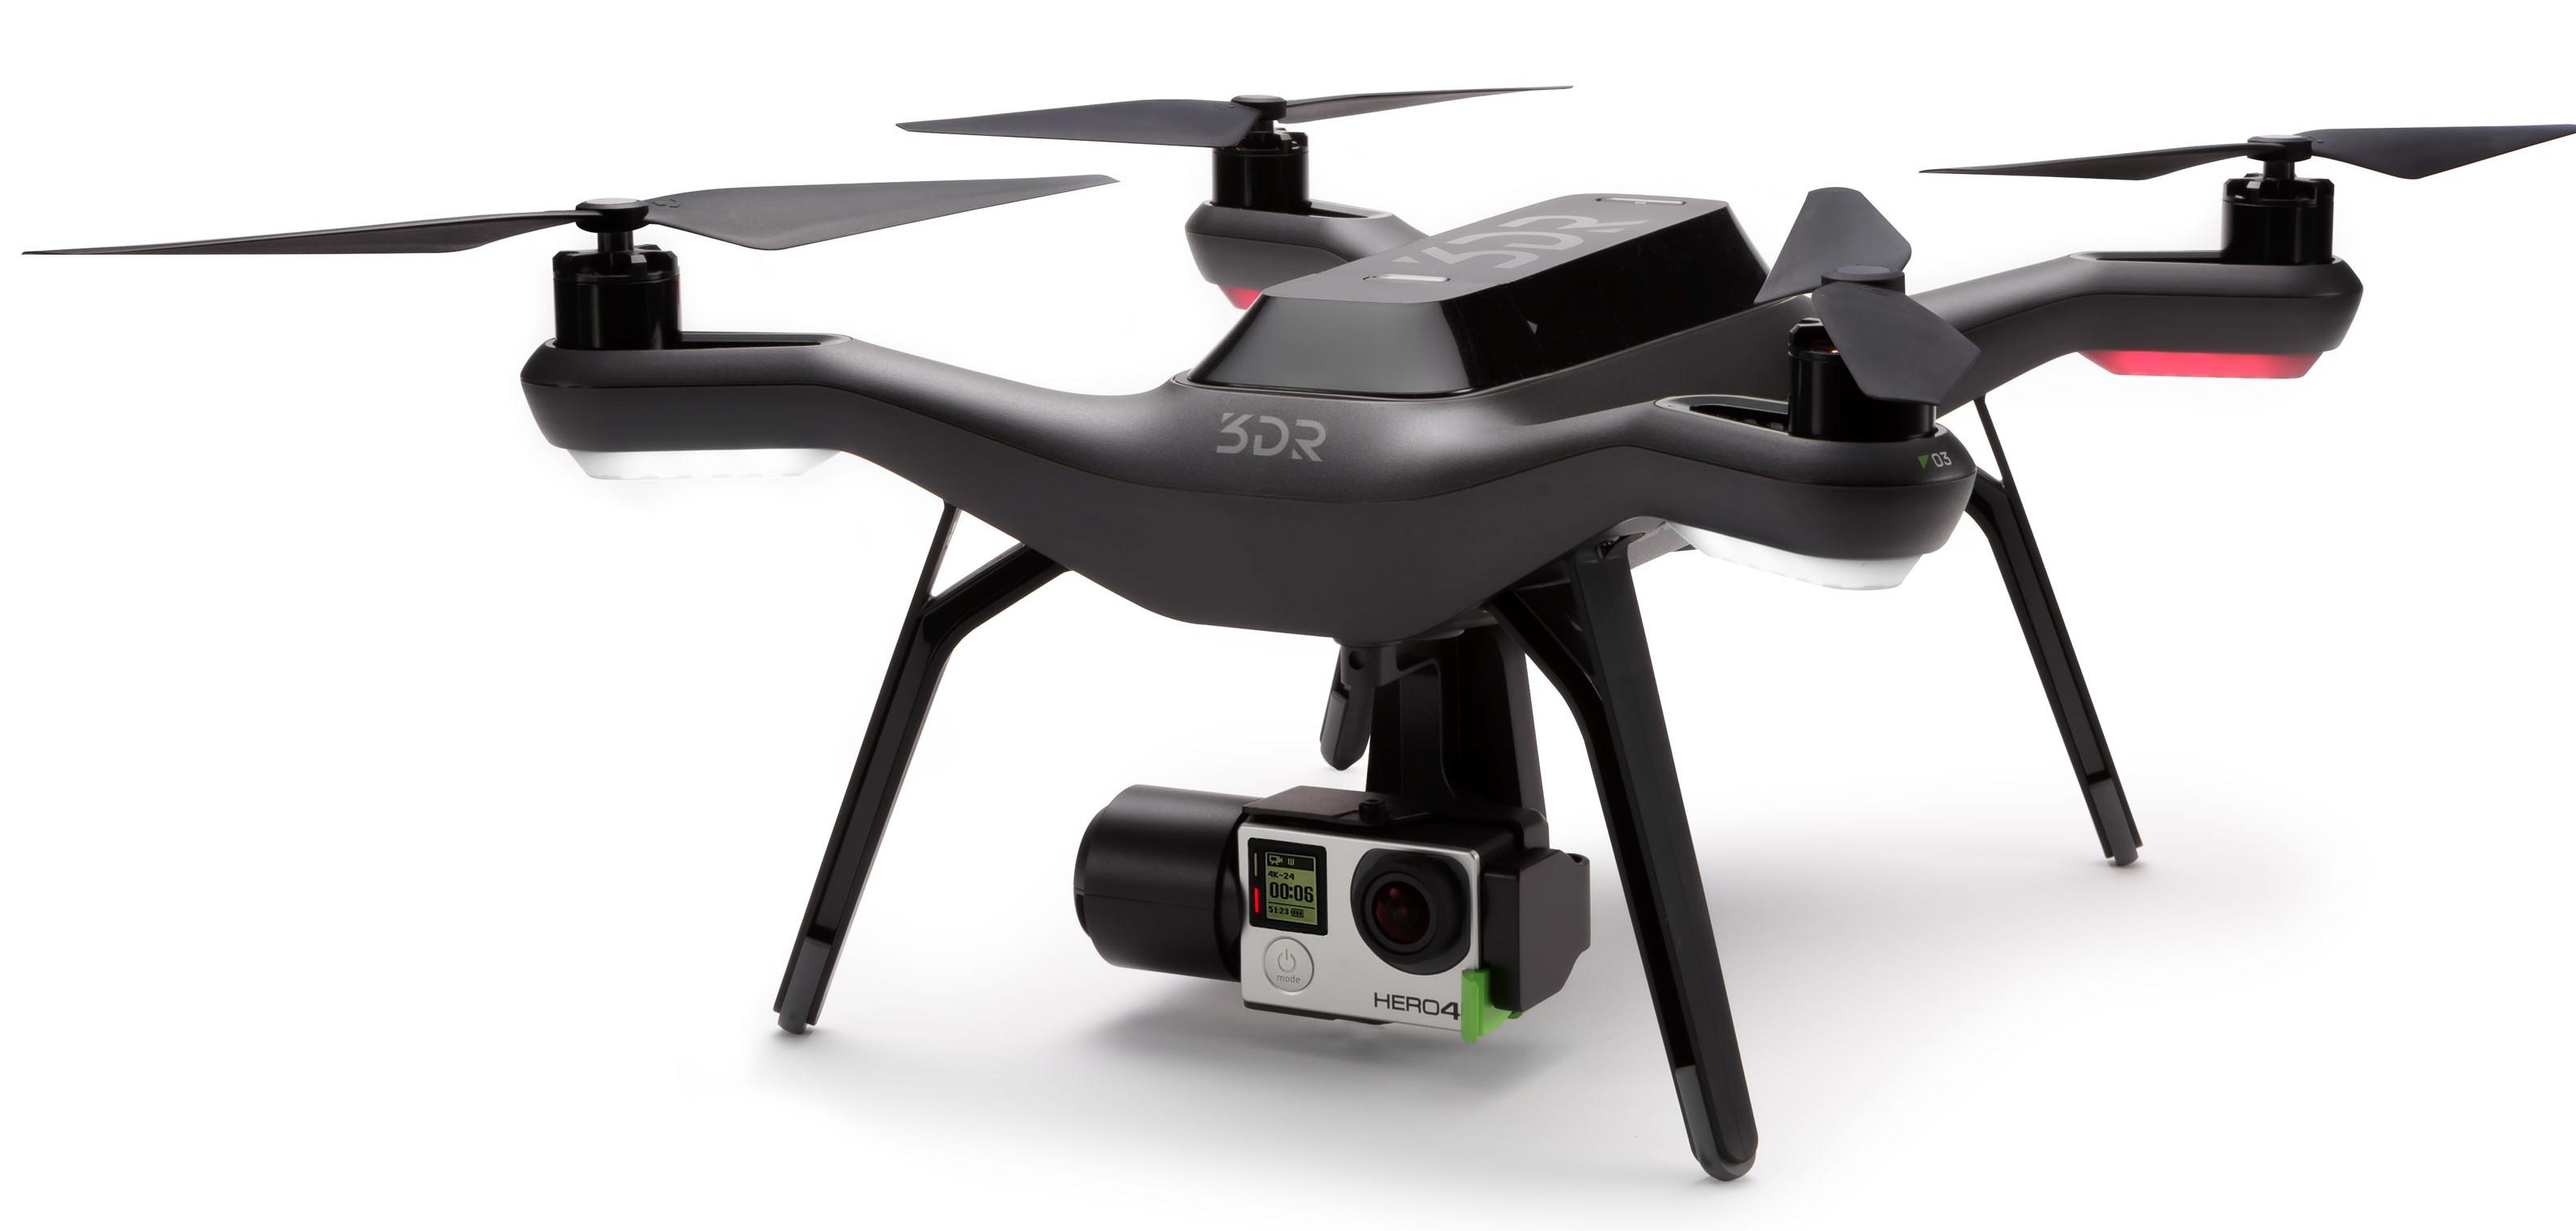 Купить дрон с видеокамерой цены очки виртуальной реальности для пк в иркутске